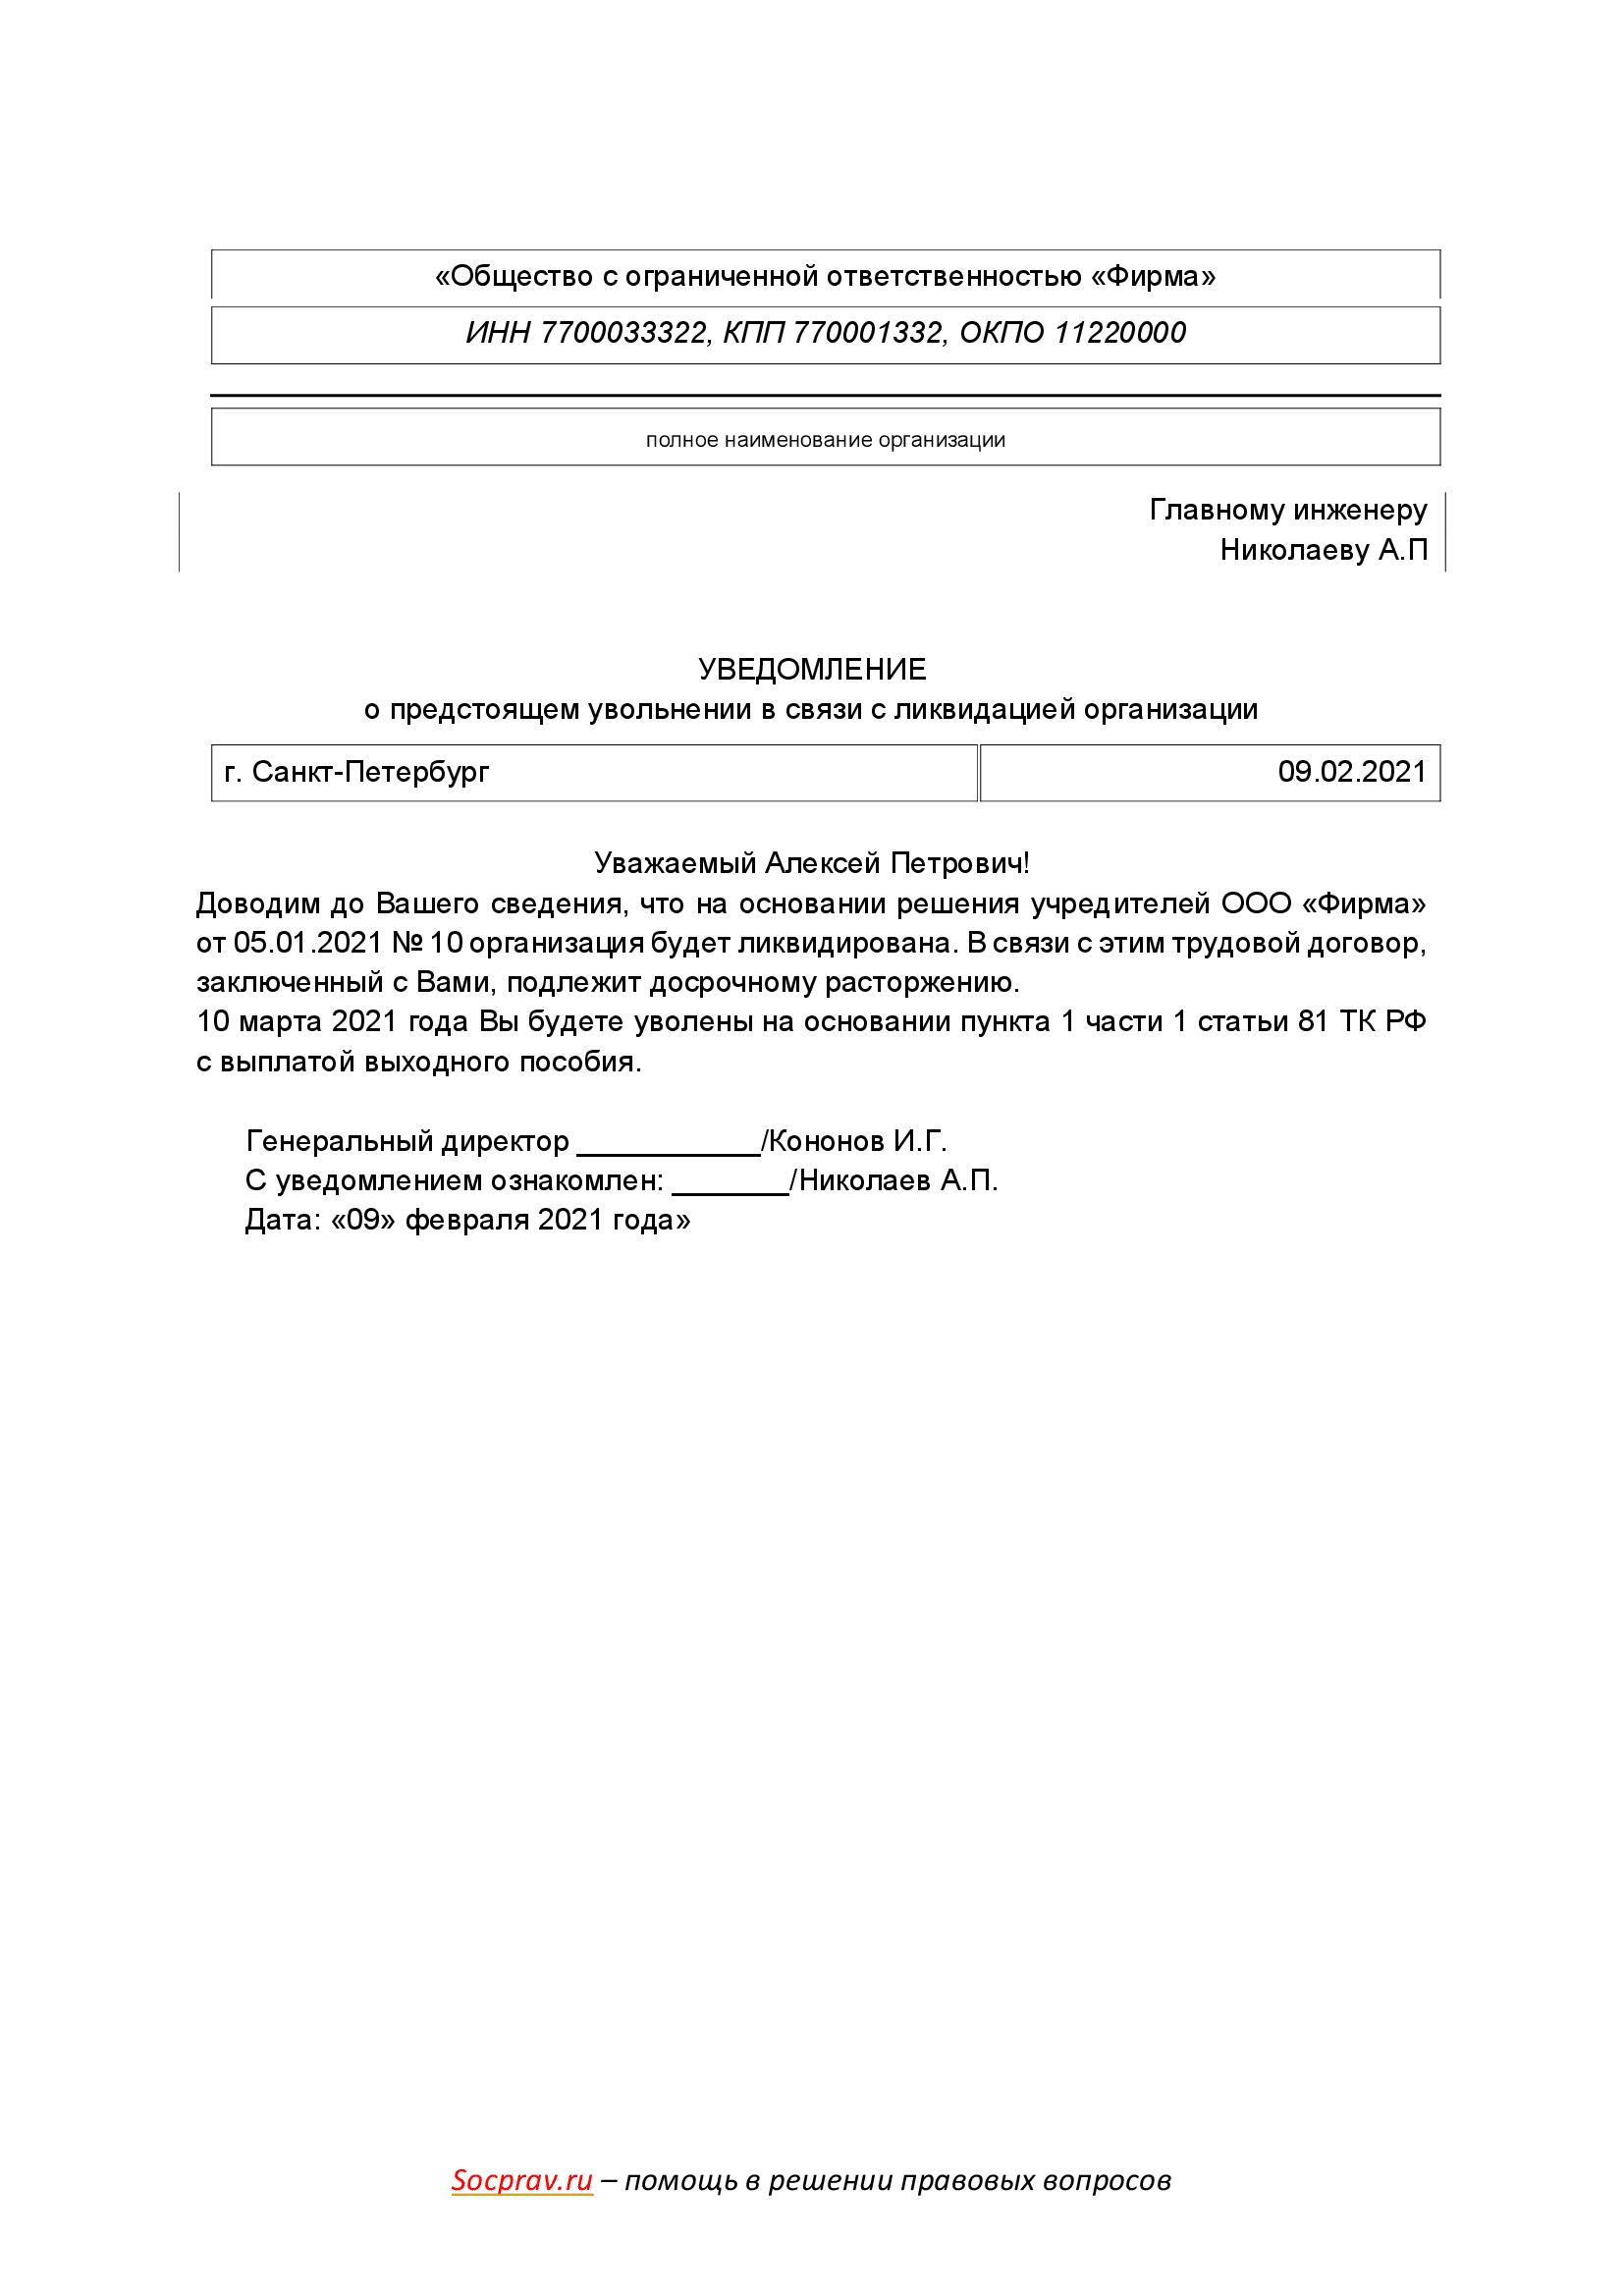 Уведомление работников о предстоящей ликвидации предприятия